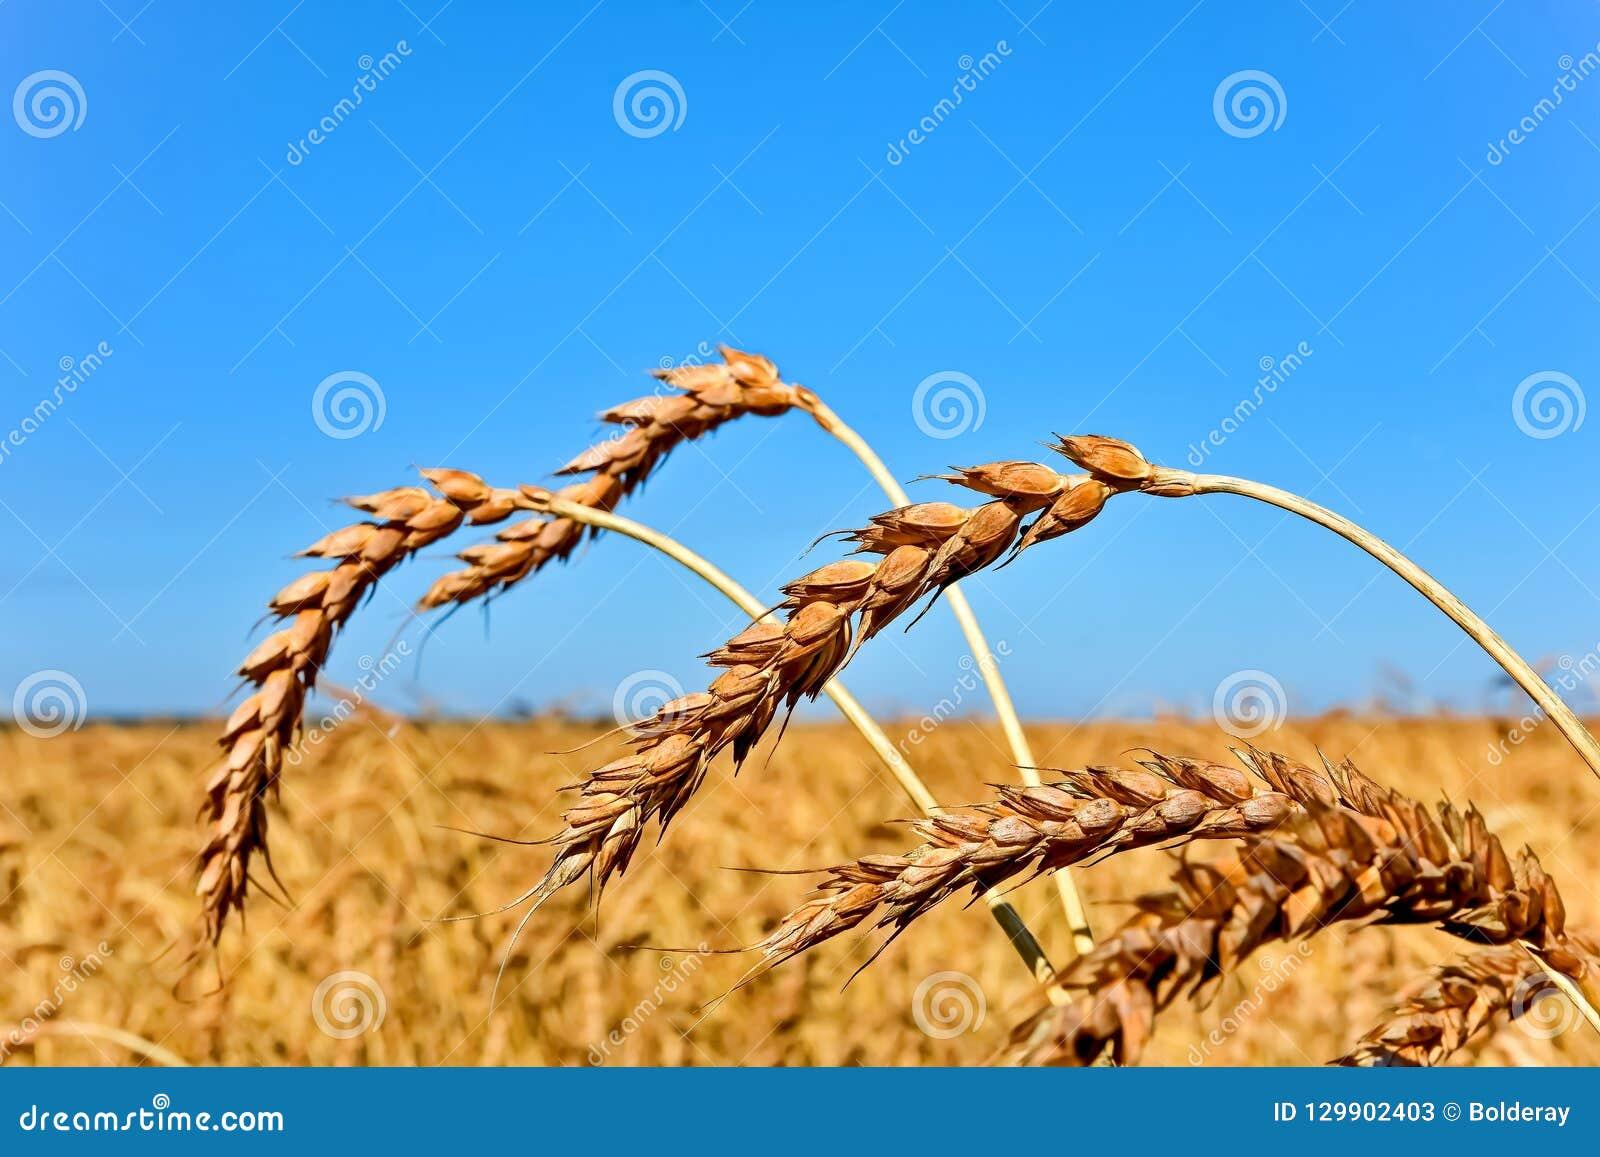 Orecchie dorate del grano sul fondo del cielo blu Campo di frumento